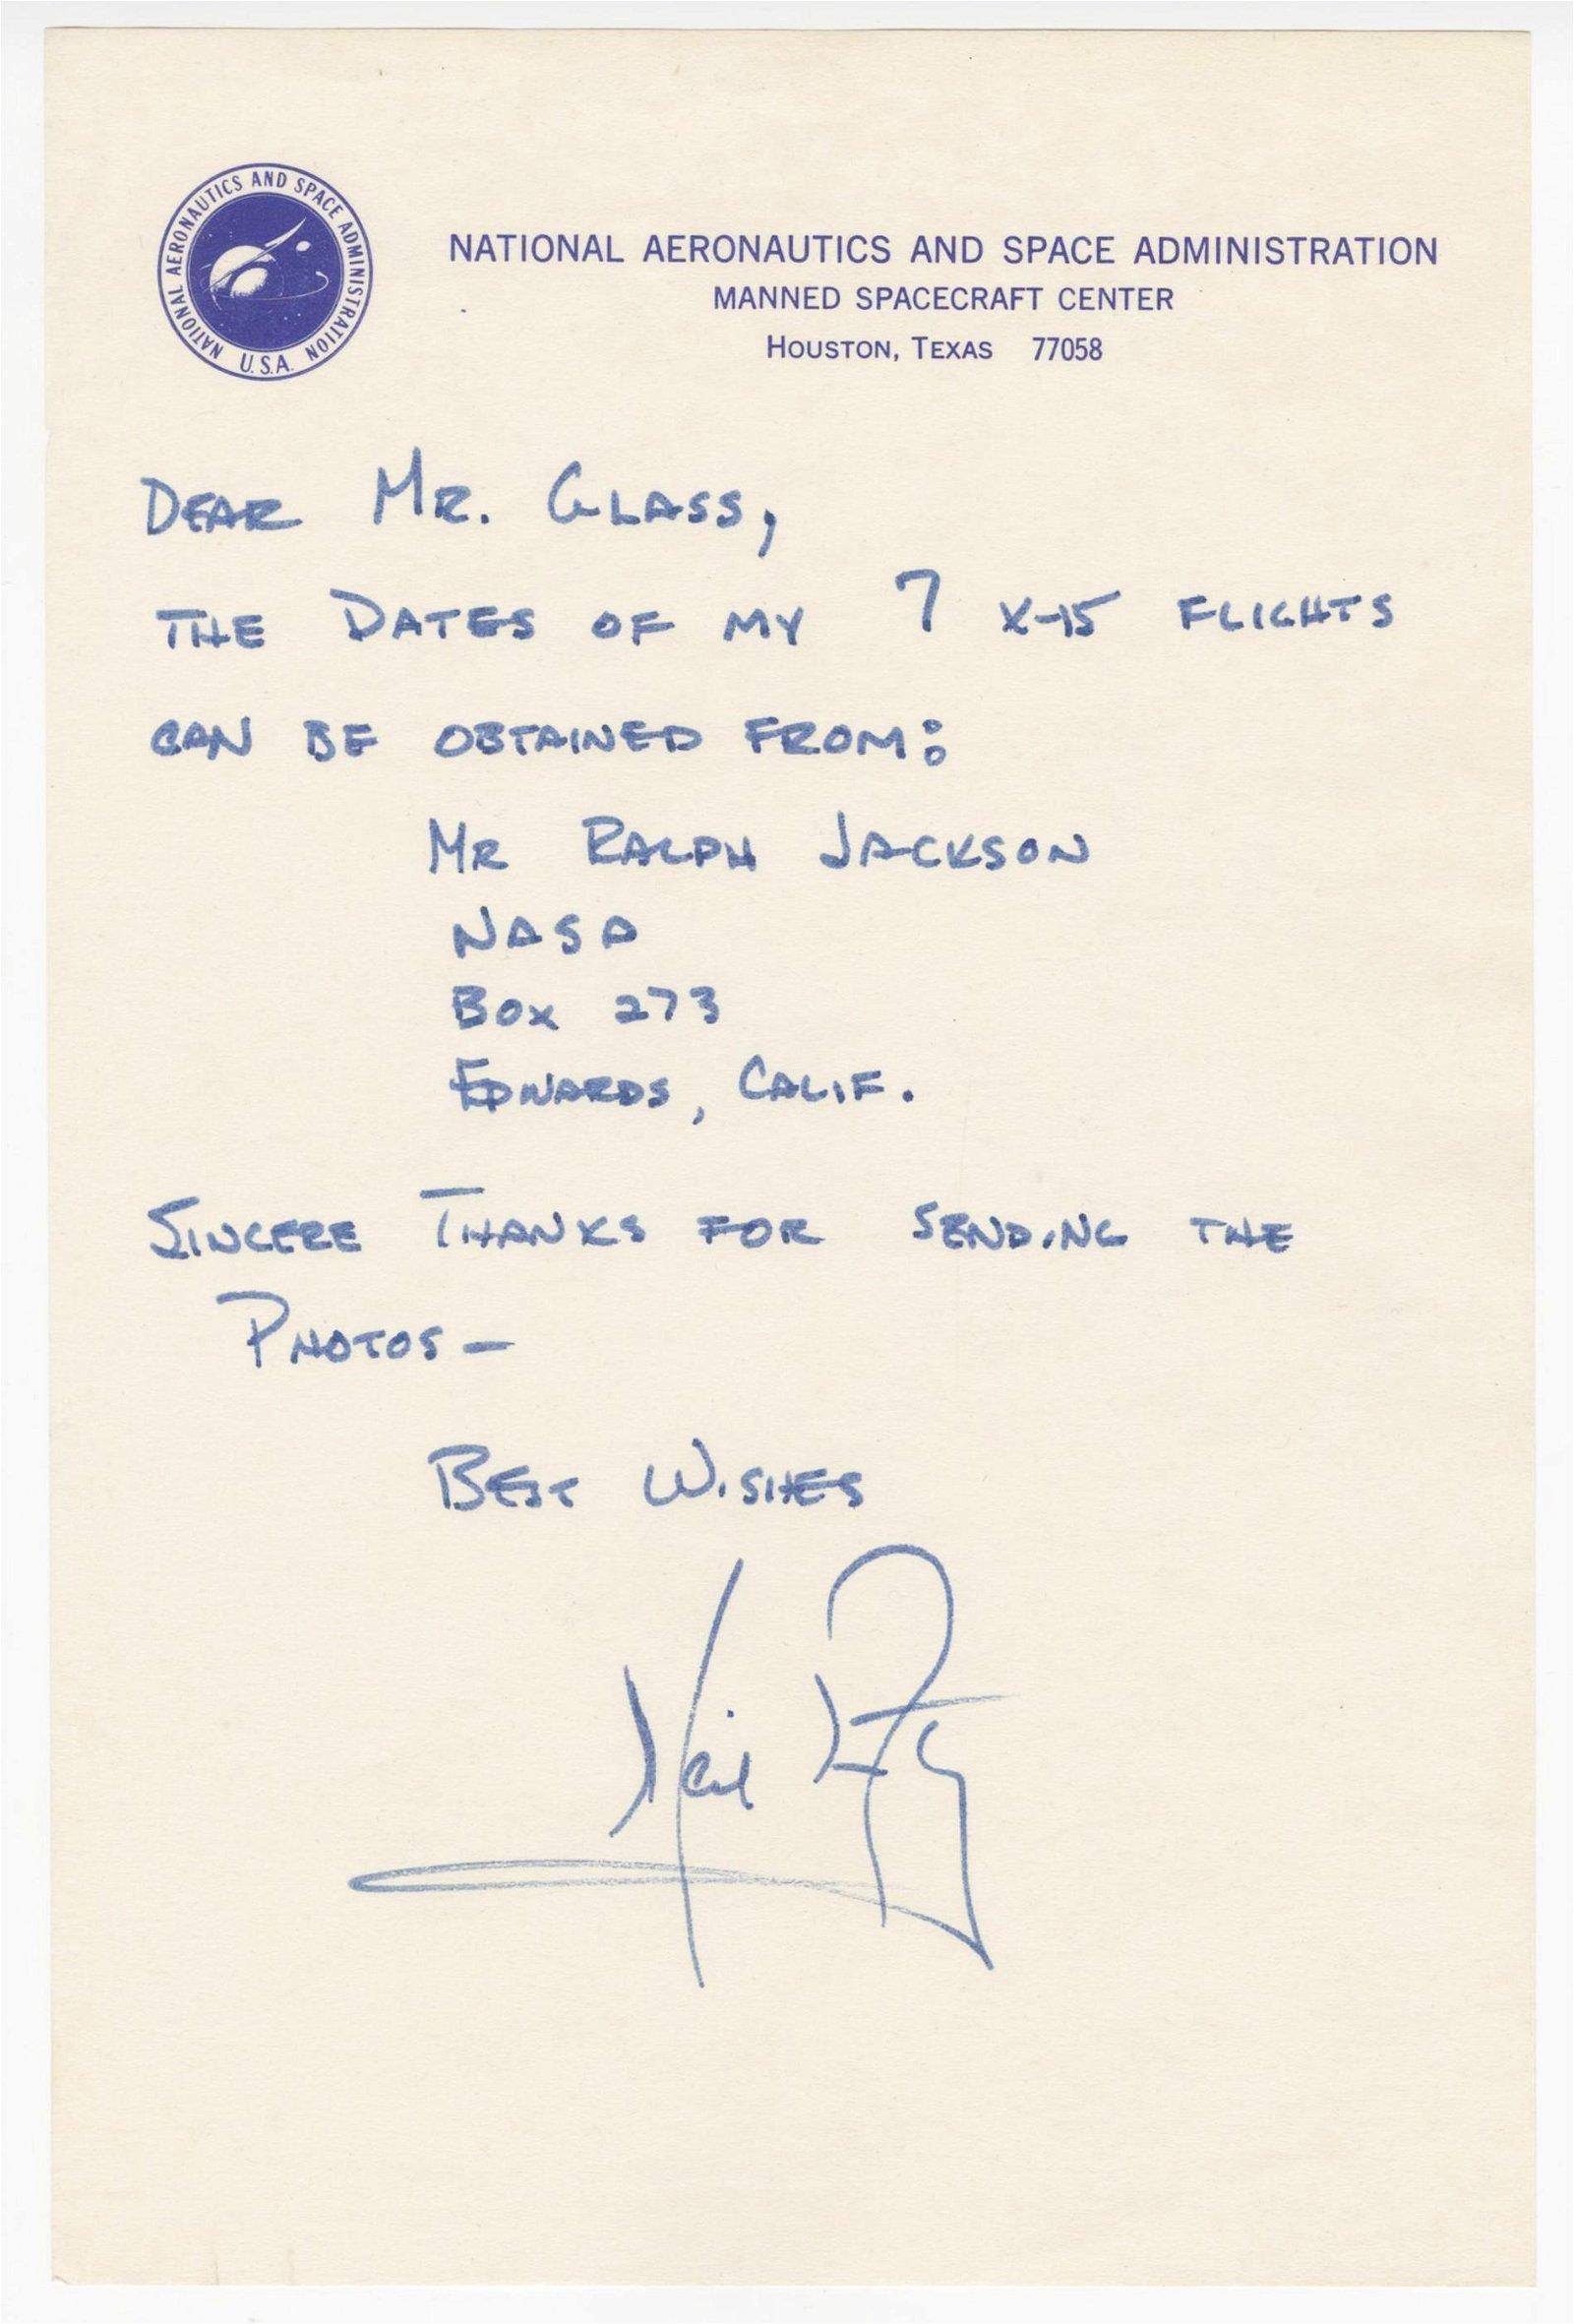 Neil Armstrong ALS on NASA Letterhead Regarding His